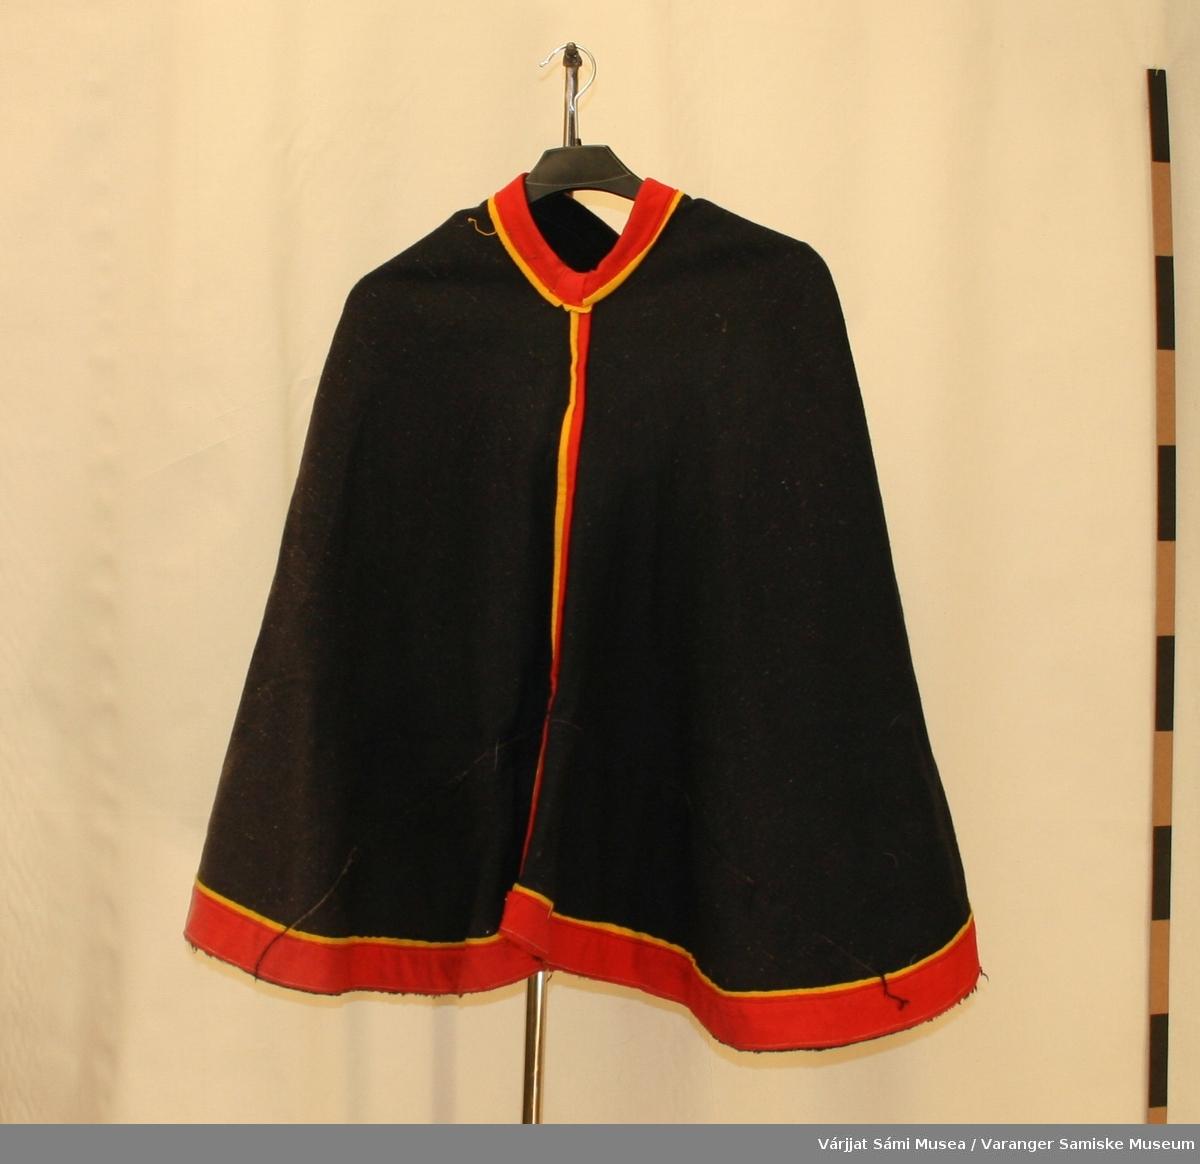 Luhkka sydd av svart klede, pyntet med rødt og gult klede.